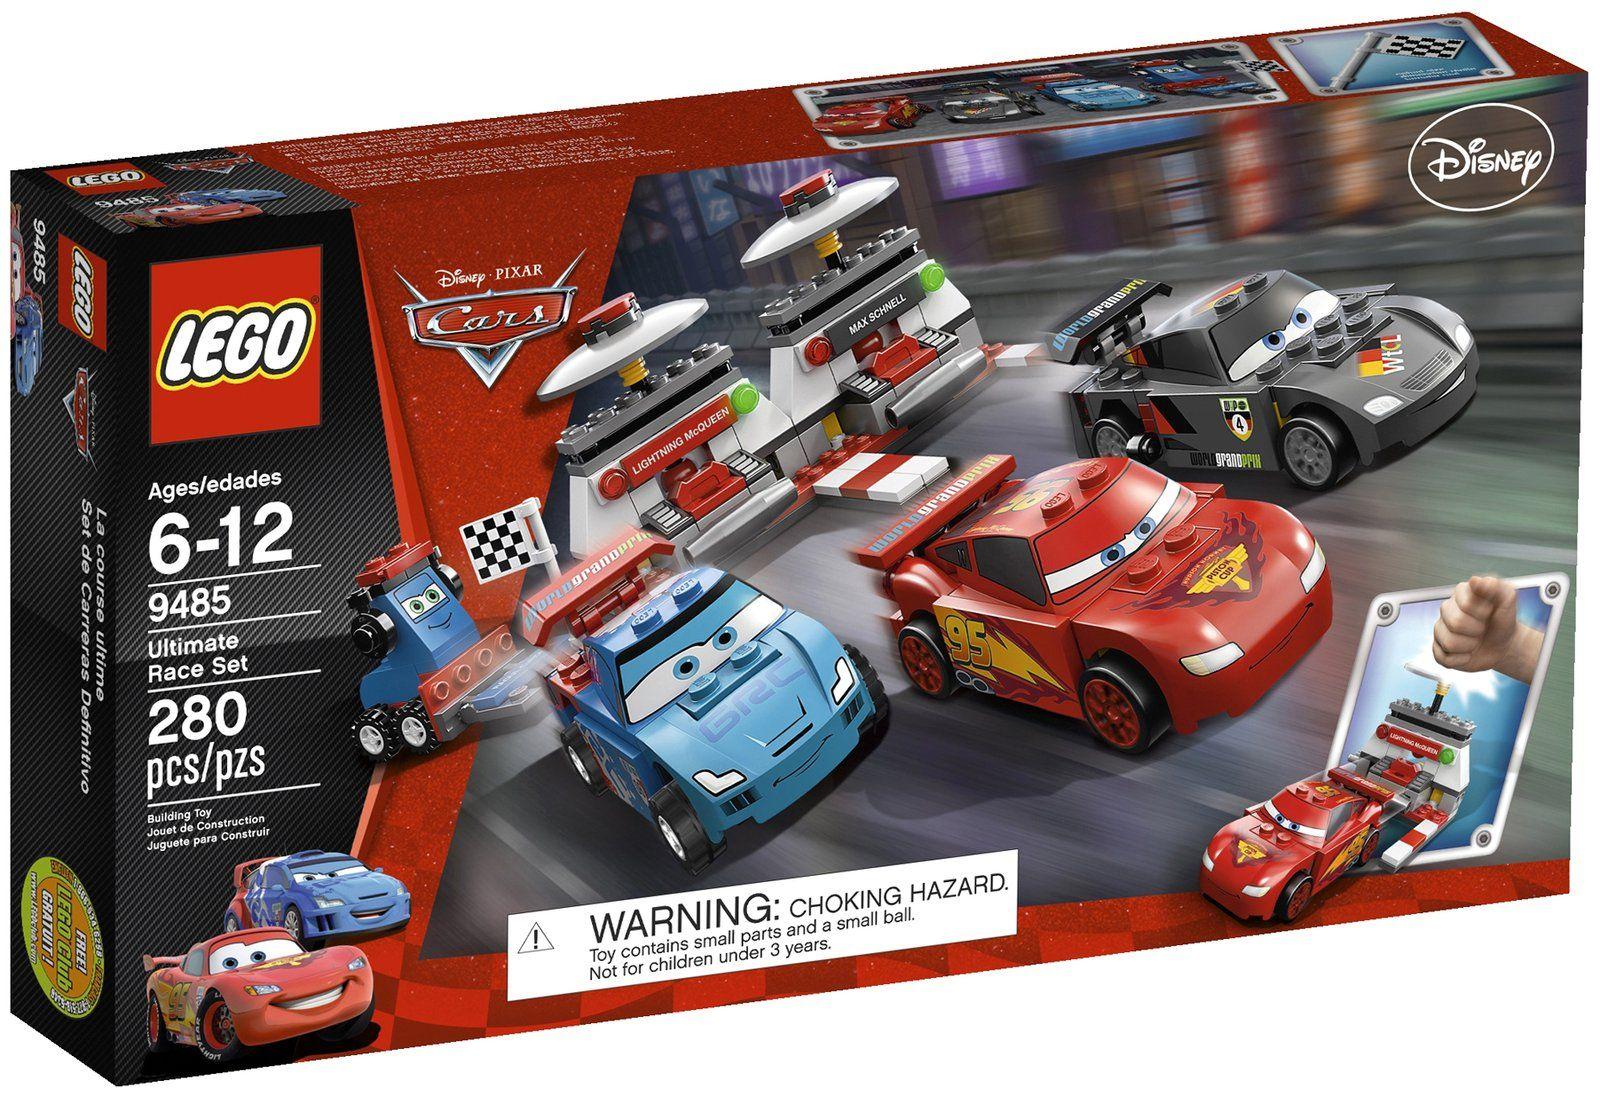 LEGO Cars Ultimate Race Set 9485 Raoul Çaroule, the world